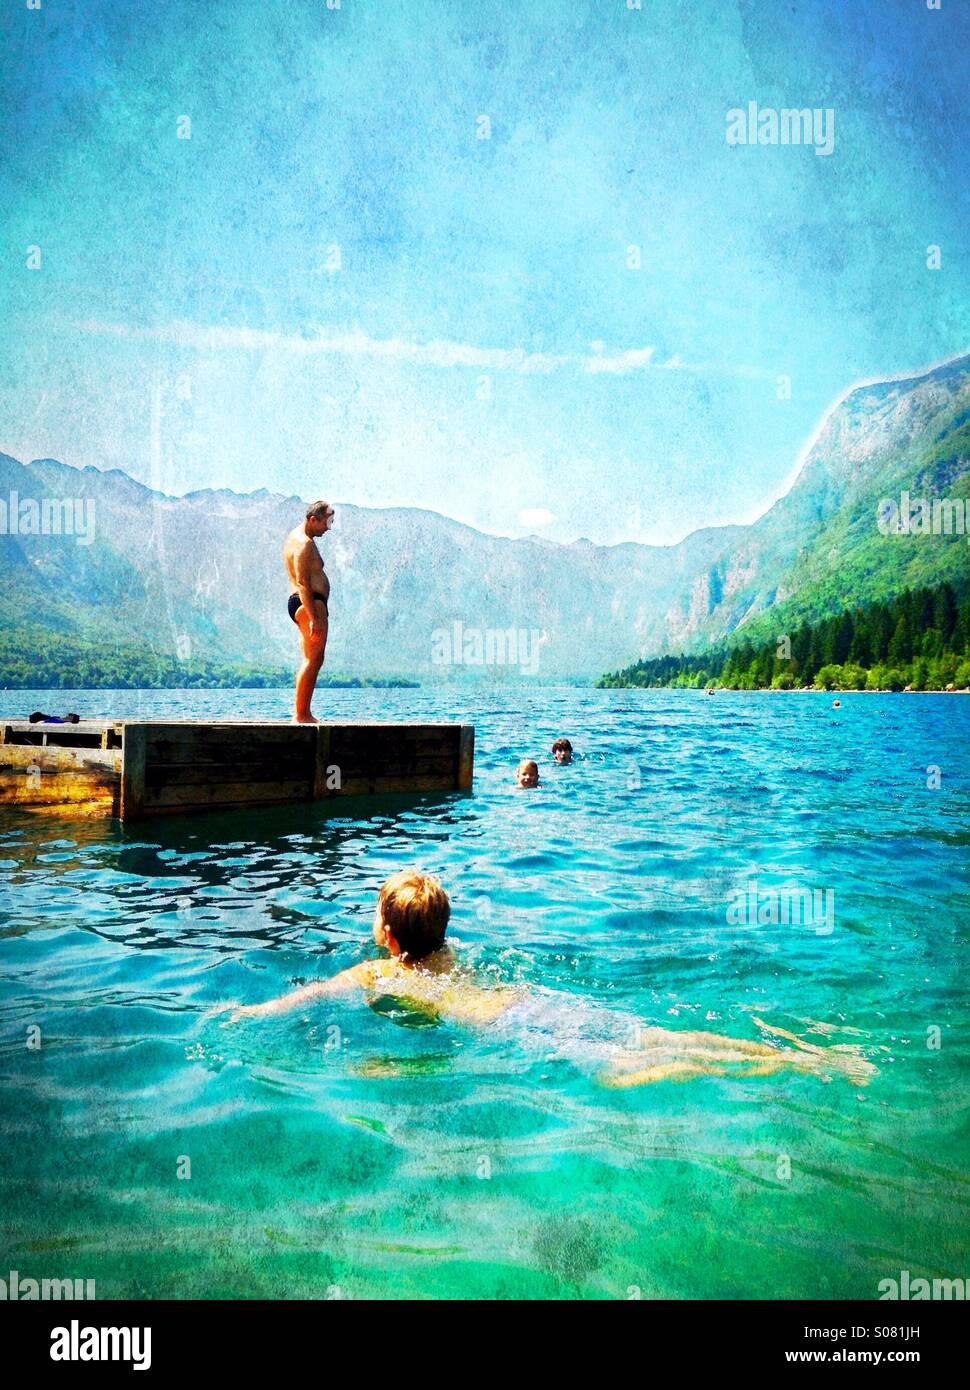 Sommer schwimmen - Abkühlung im See Bohinj, Slowenien Stockbild